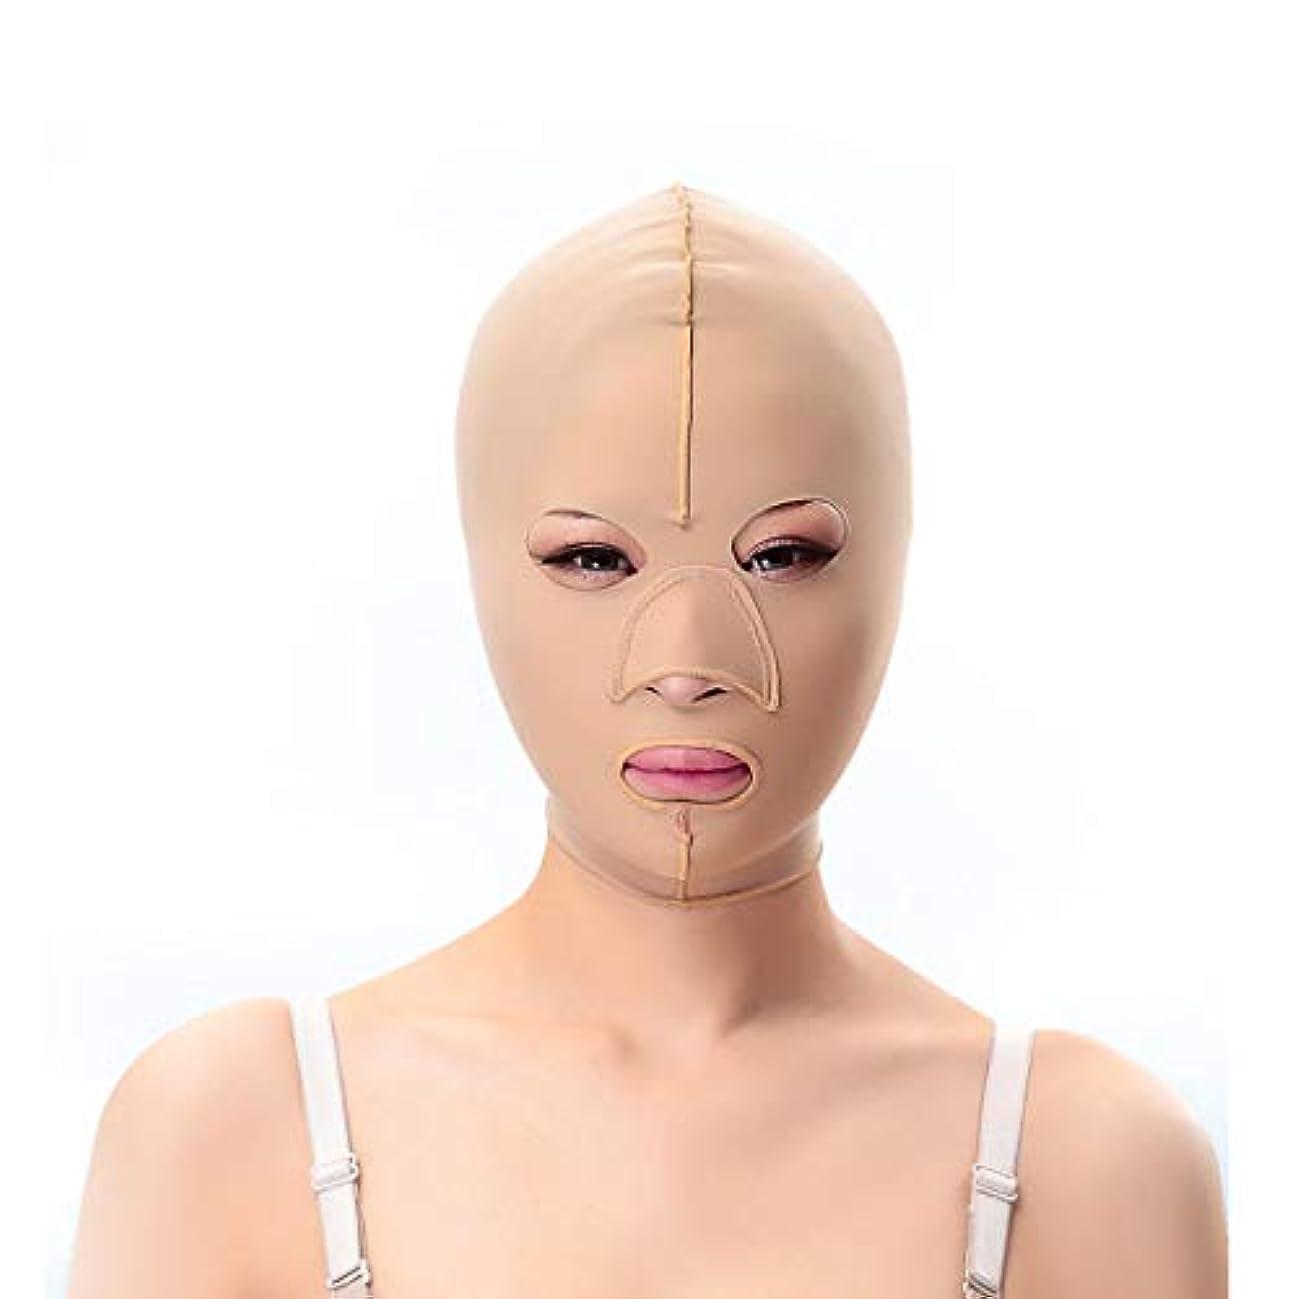 前述の熟読する心理学TLMY 減量ベルトマスクフェイスマスク神聖なパターンリフト二重あご引き締め顔面プラスチック顔面アーティファクト強力な顔面包帯 顔用整形マスク (Size : S)